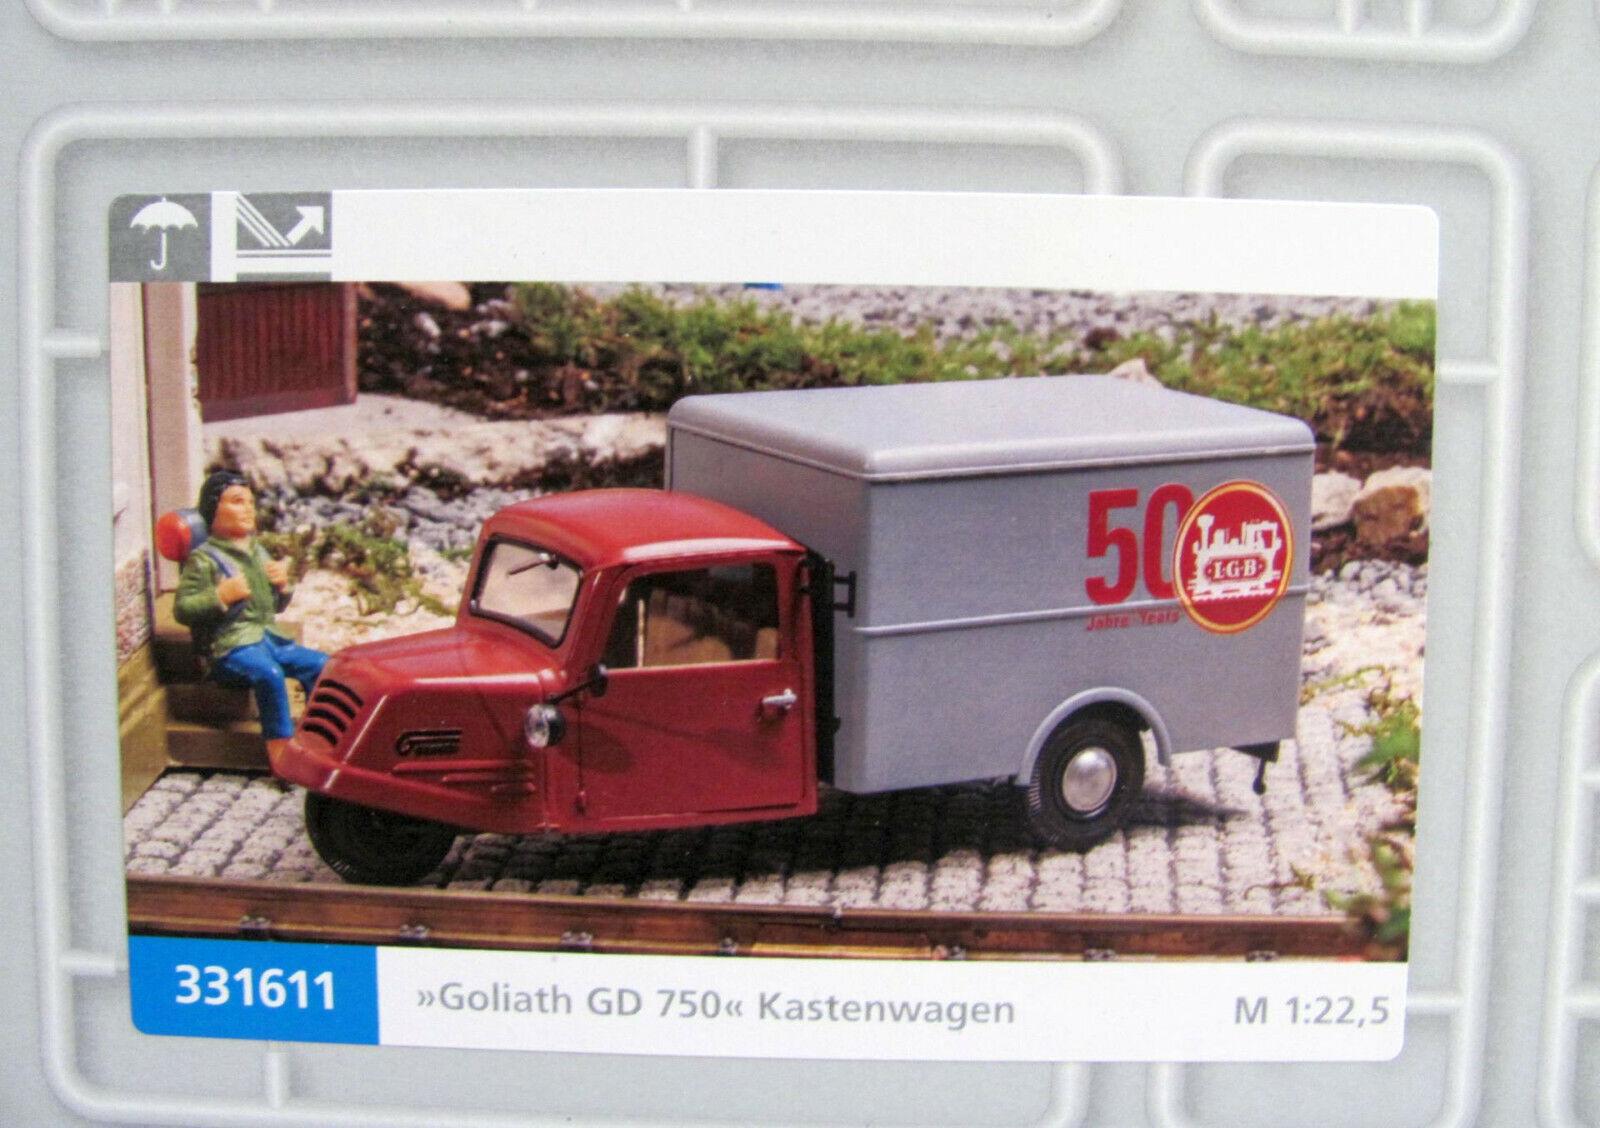 prima i clienti Pola G 331611 Goliath DG 750 CASSETTA autorello autorello autorello  50 anni LGB  per Traccia G NUOVO con OVP  spedizione veloce in tutto il mondo